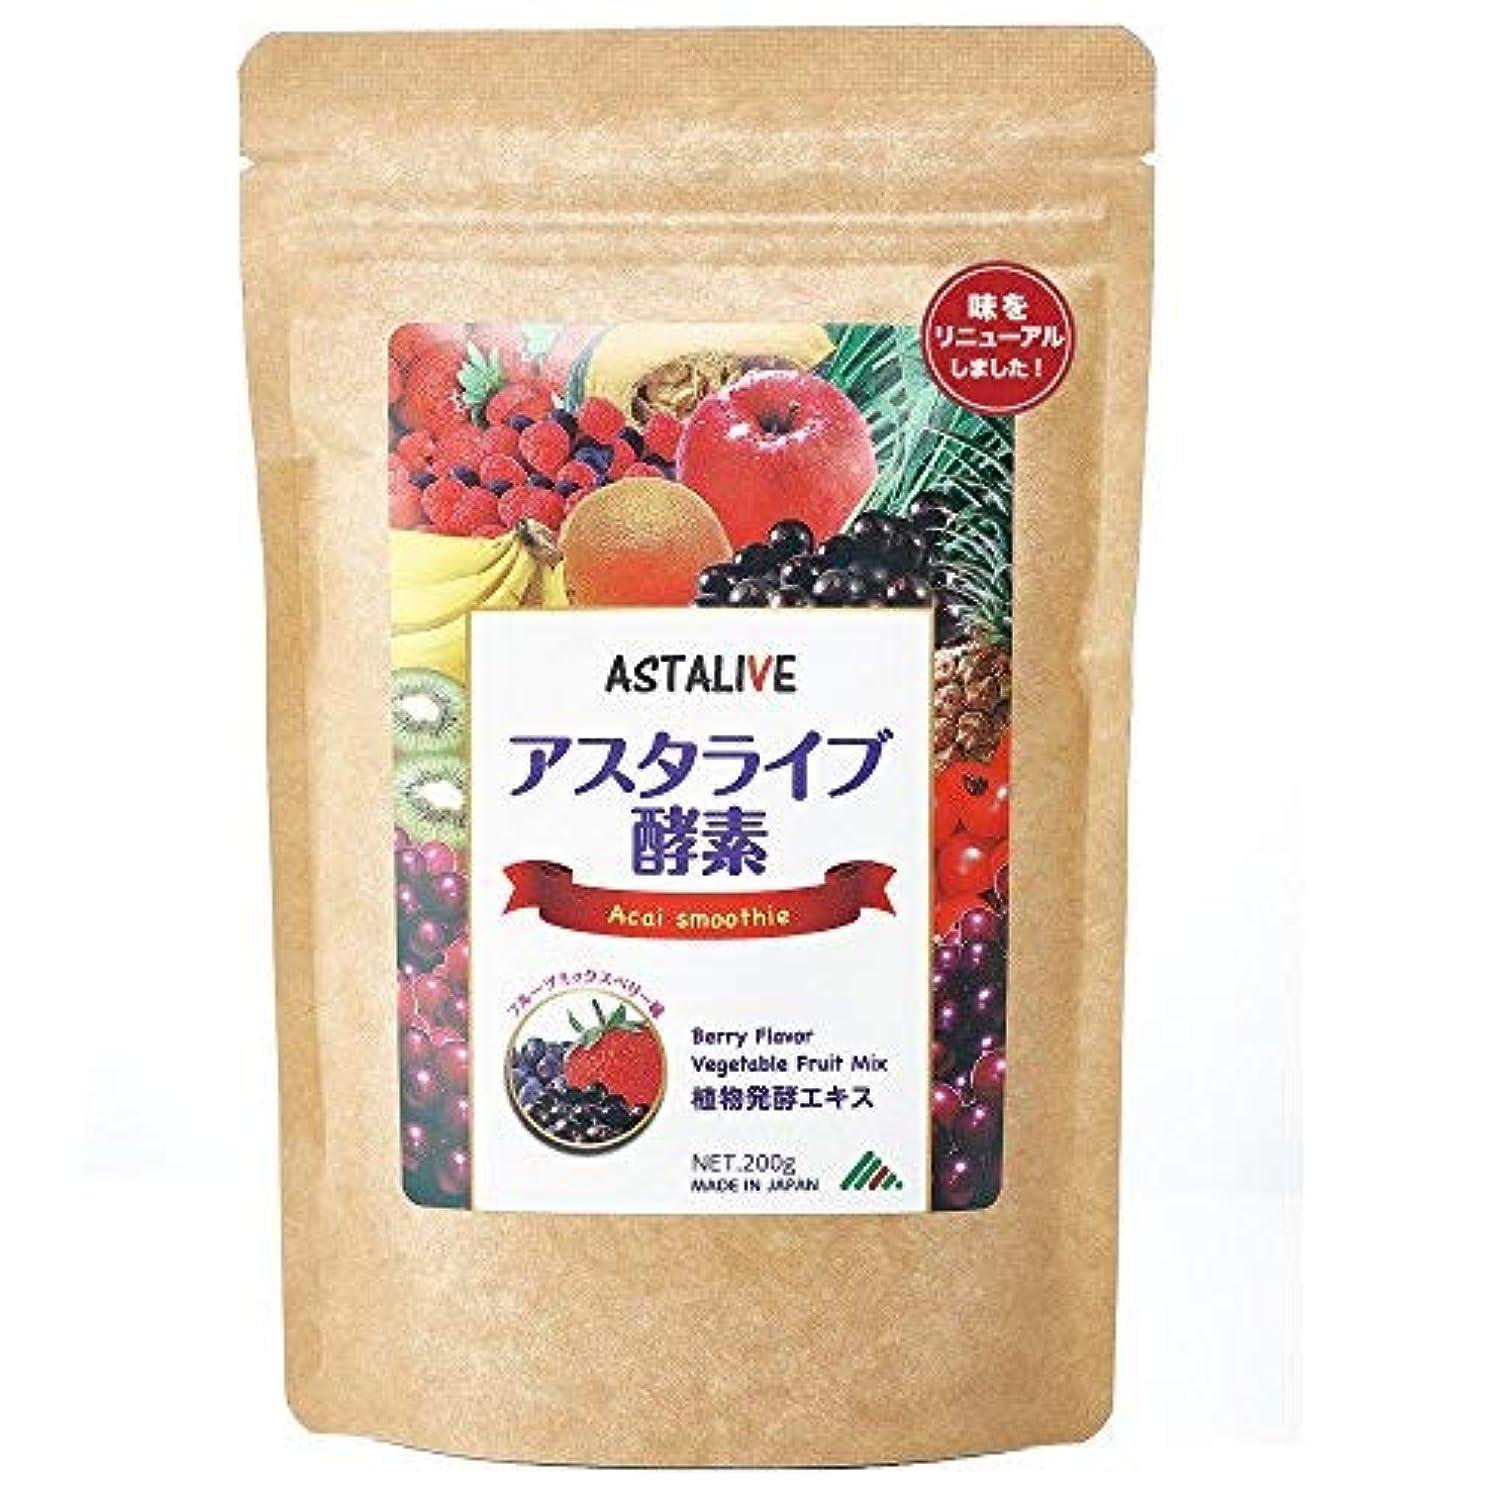 棚に慣れ低下ASTALIVE(アスタライブ) 酵素 スムージー チアシード 乳酸菌 麹菌 入り フルーツミックスベリー味 200g (1)